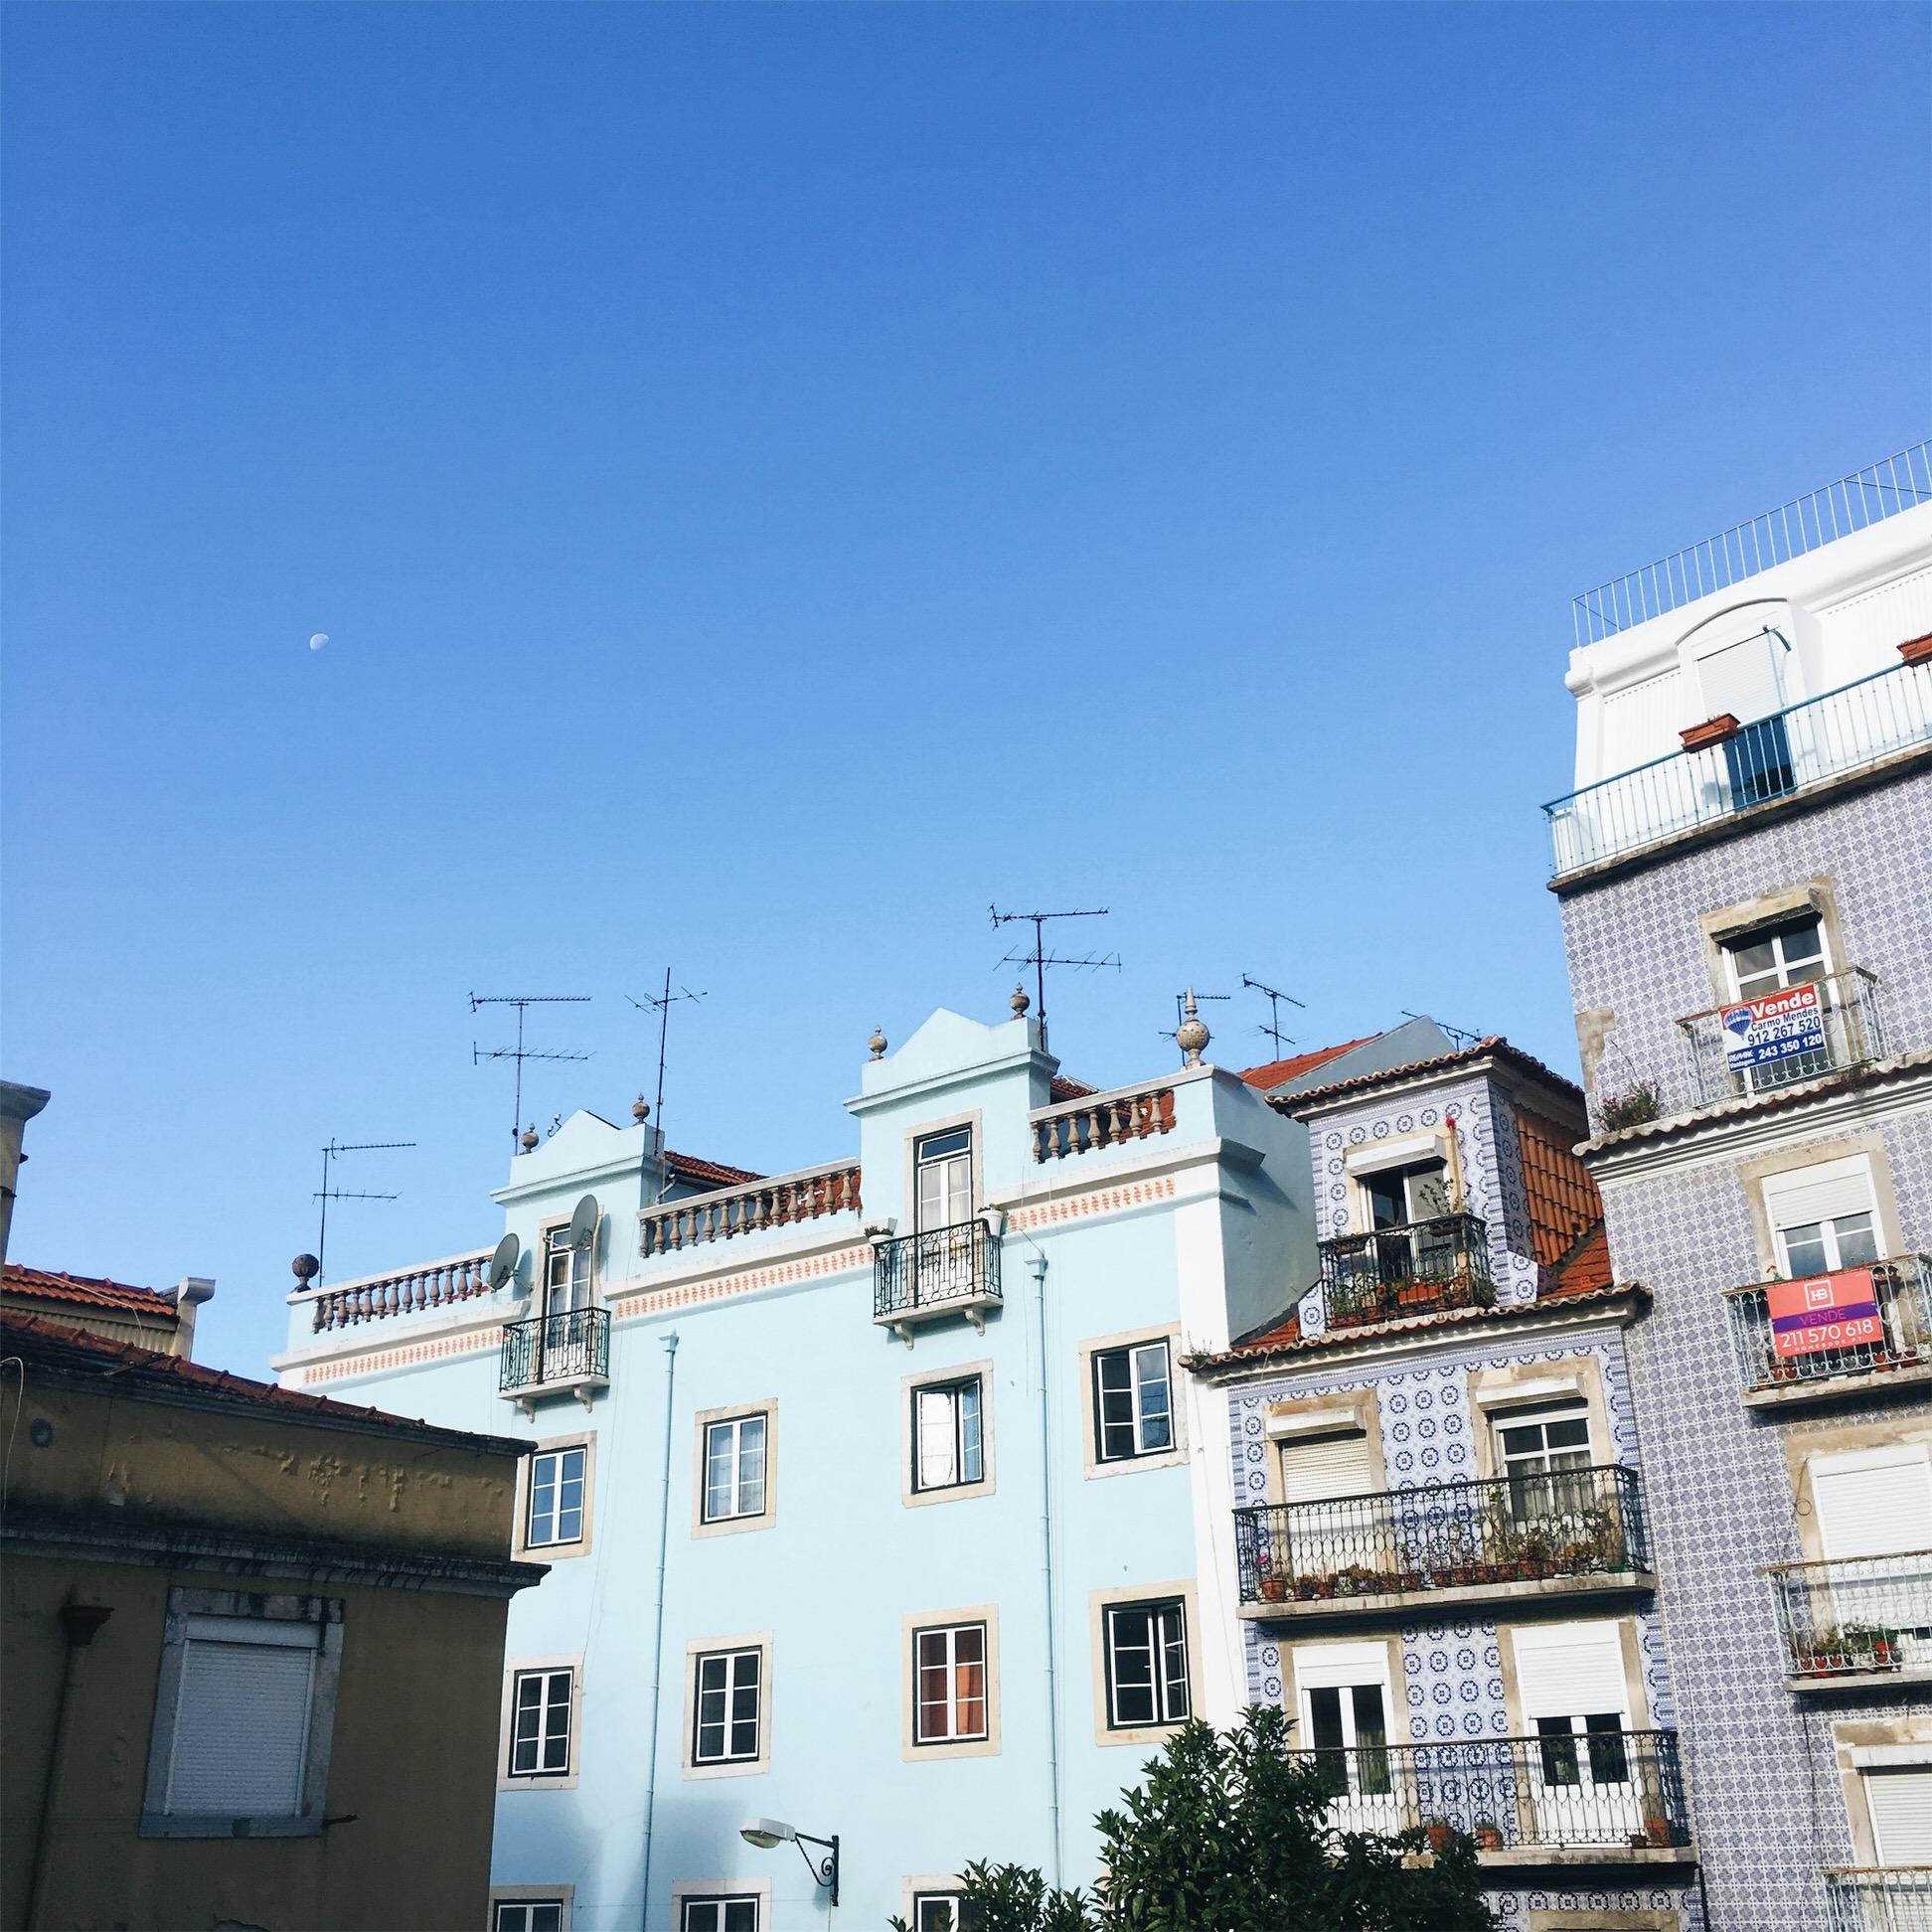 Reisebericht Lissabon mit den besten Reisetipps